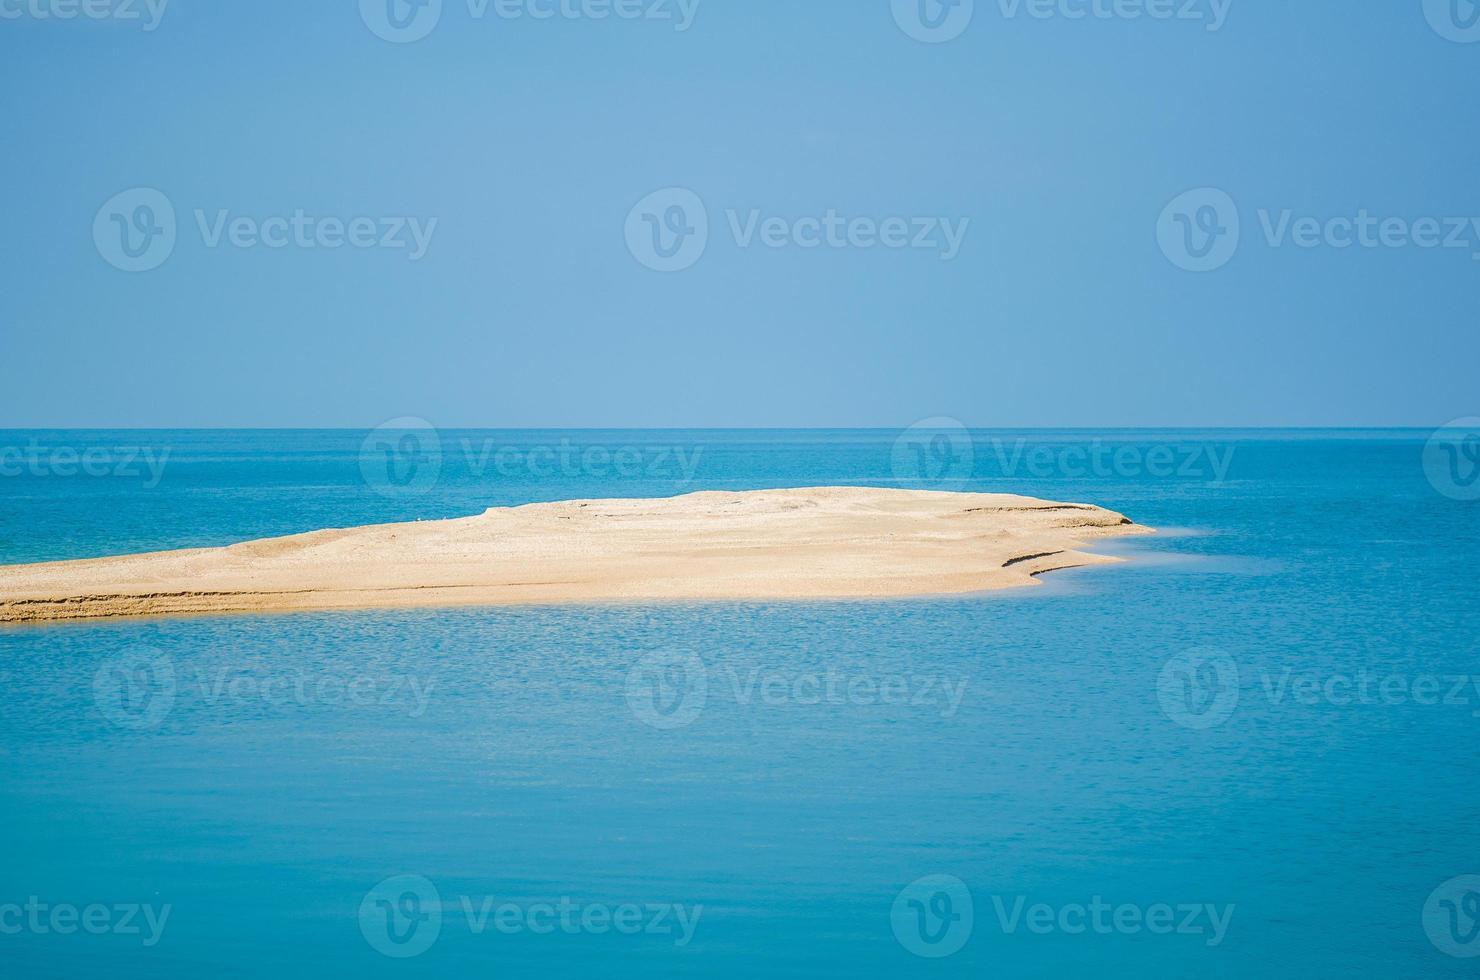 strandje, klein tropisch eiland in Nokpao Island, Surat Thani, Thailand. foto